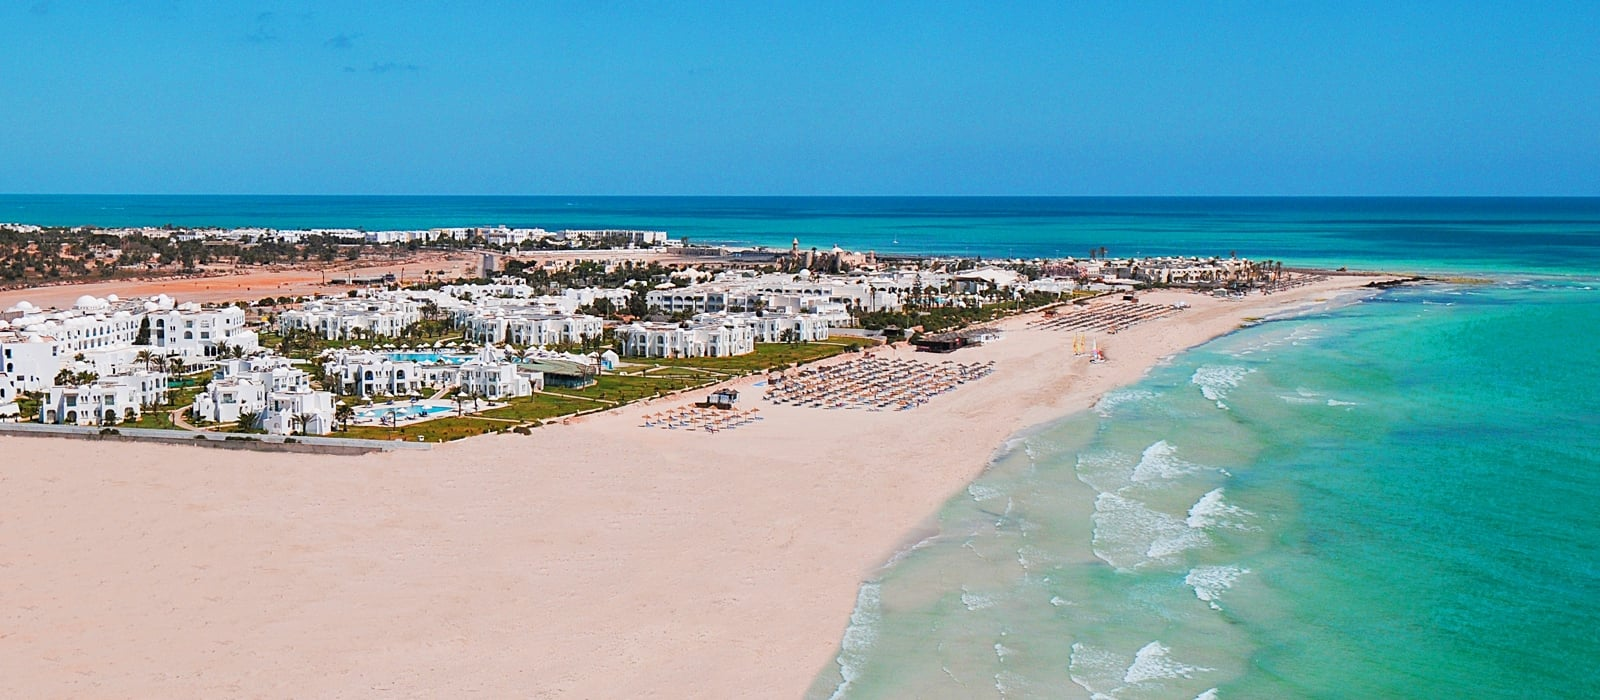 Hotel Vincci. I migliori alberghi ad Hammamet, Tunisia.